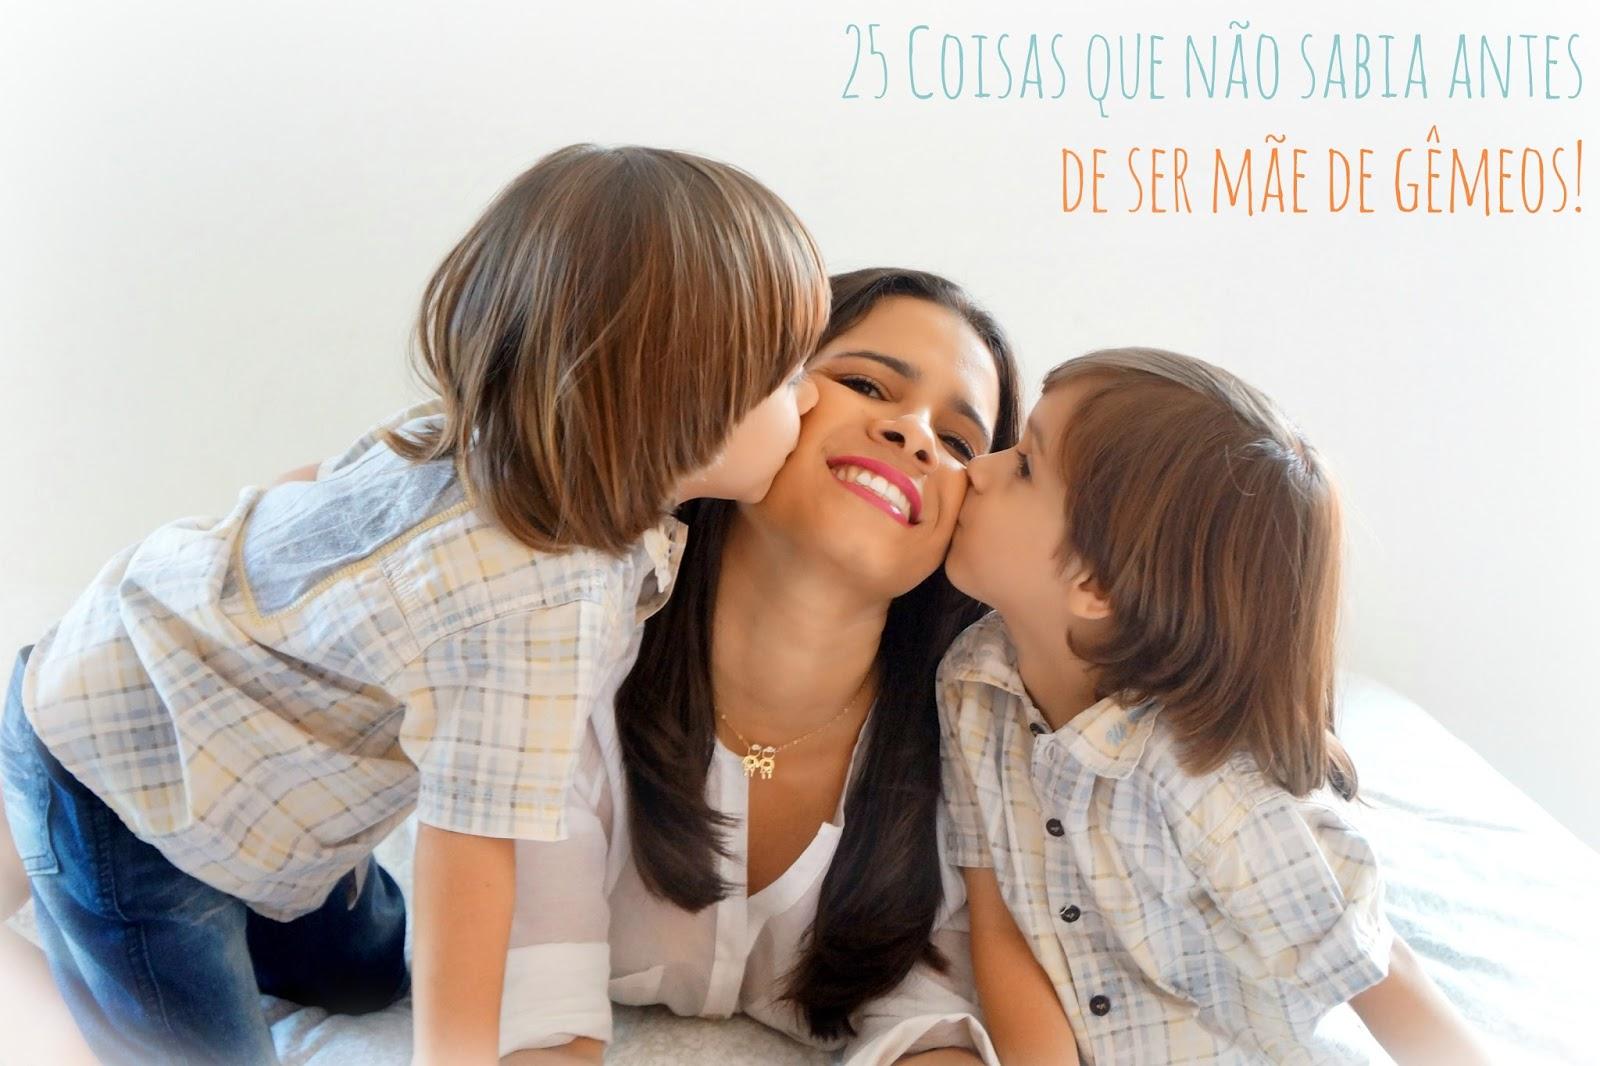 25 Coisas que não sabia antes de ser mãe de gêmeos!